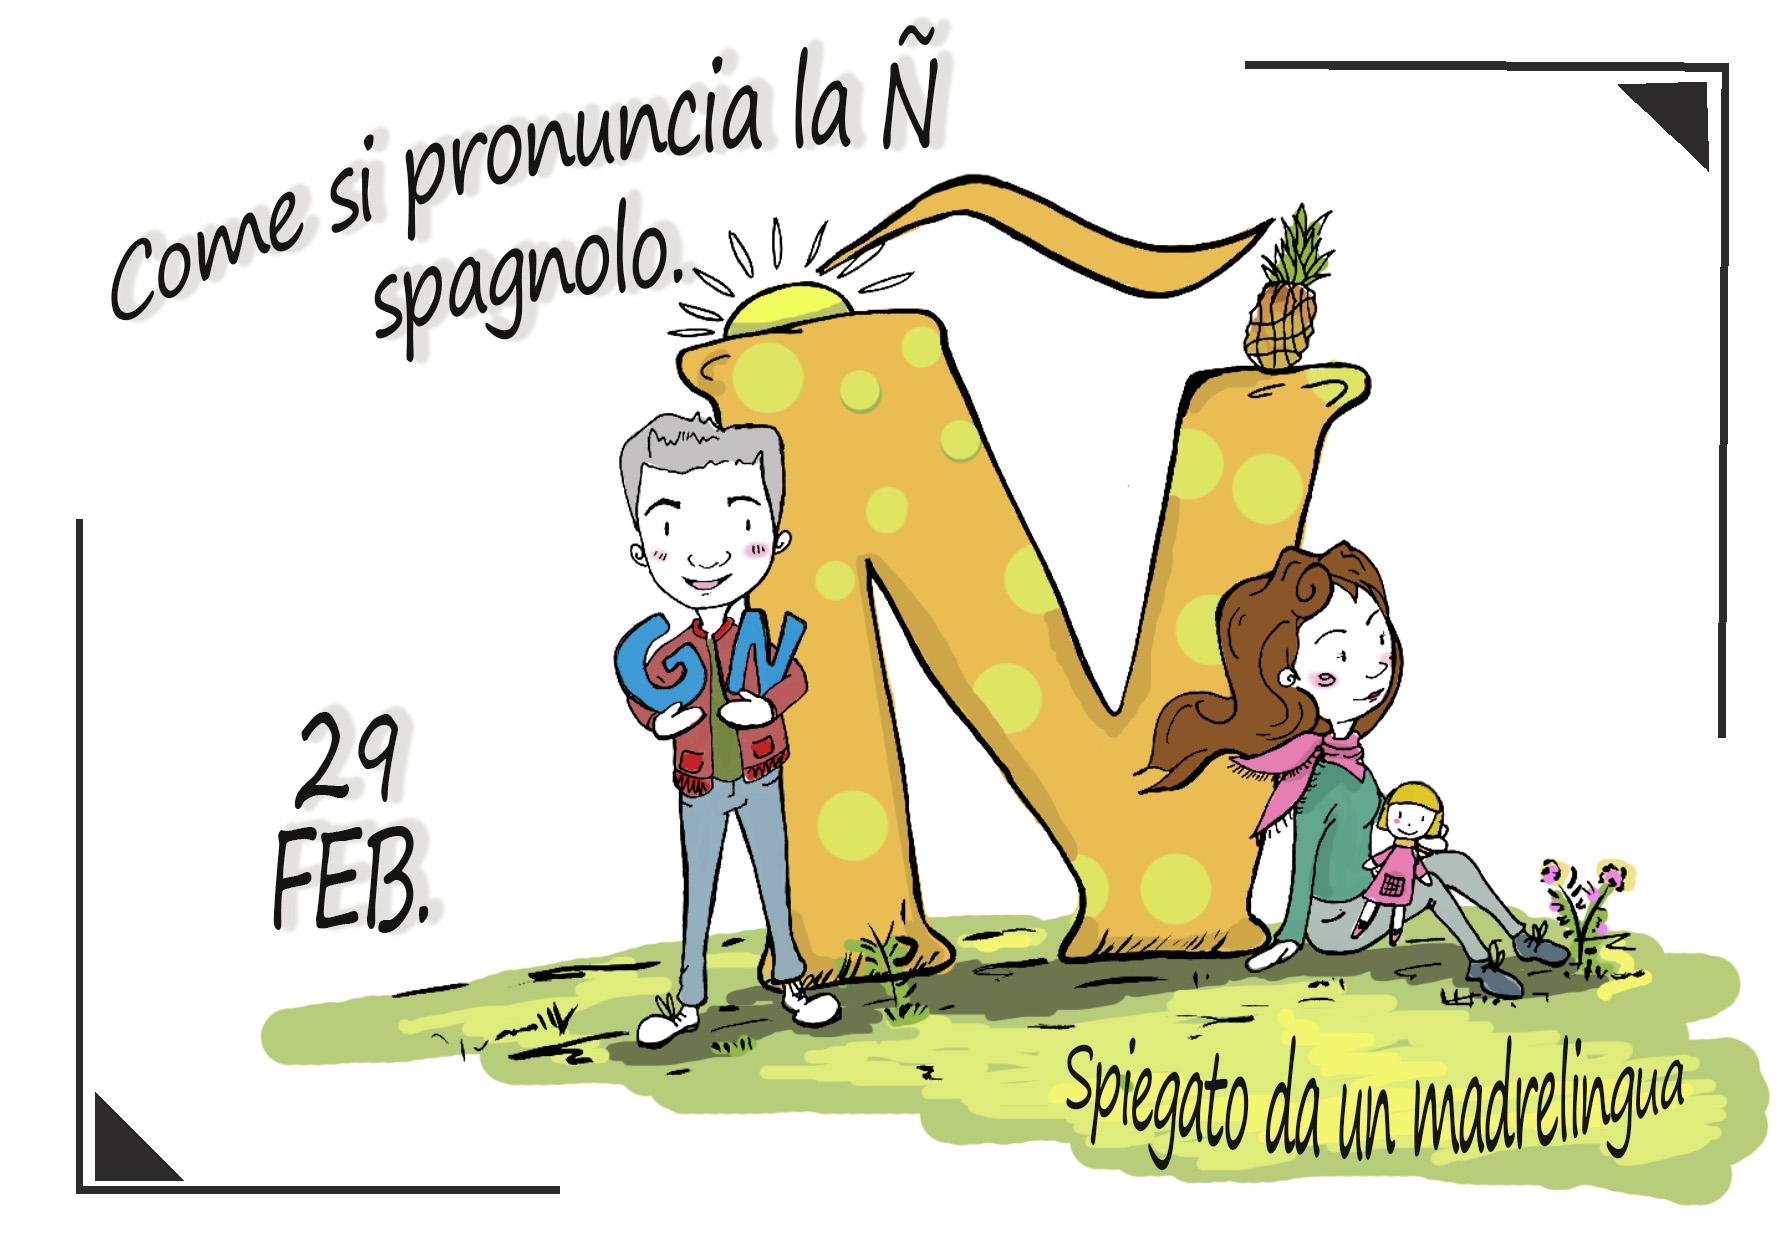 Come si pronuncia la Ñ spagnolo.